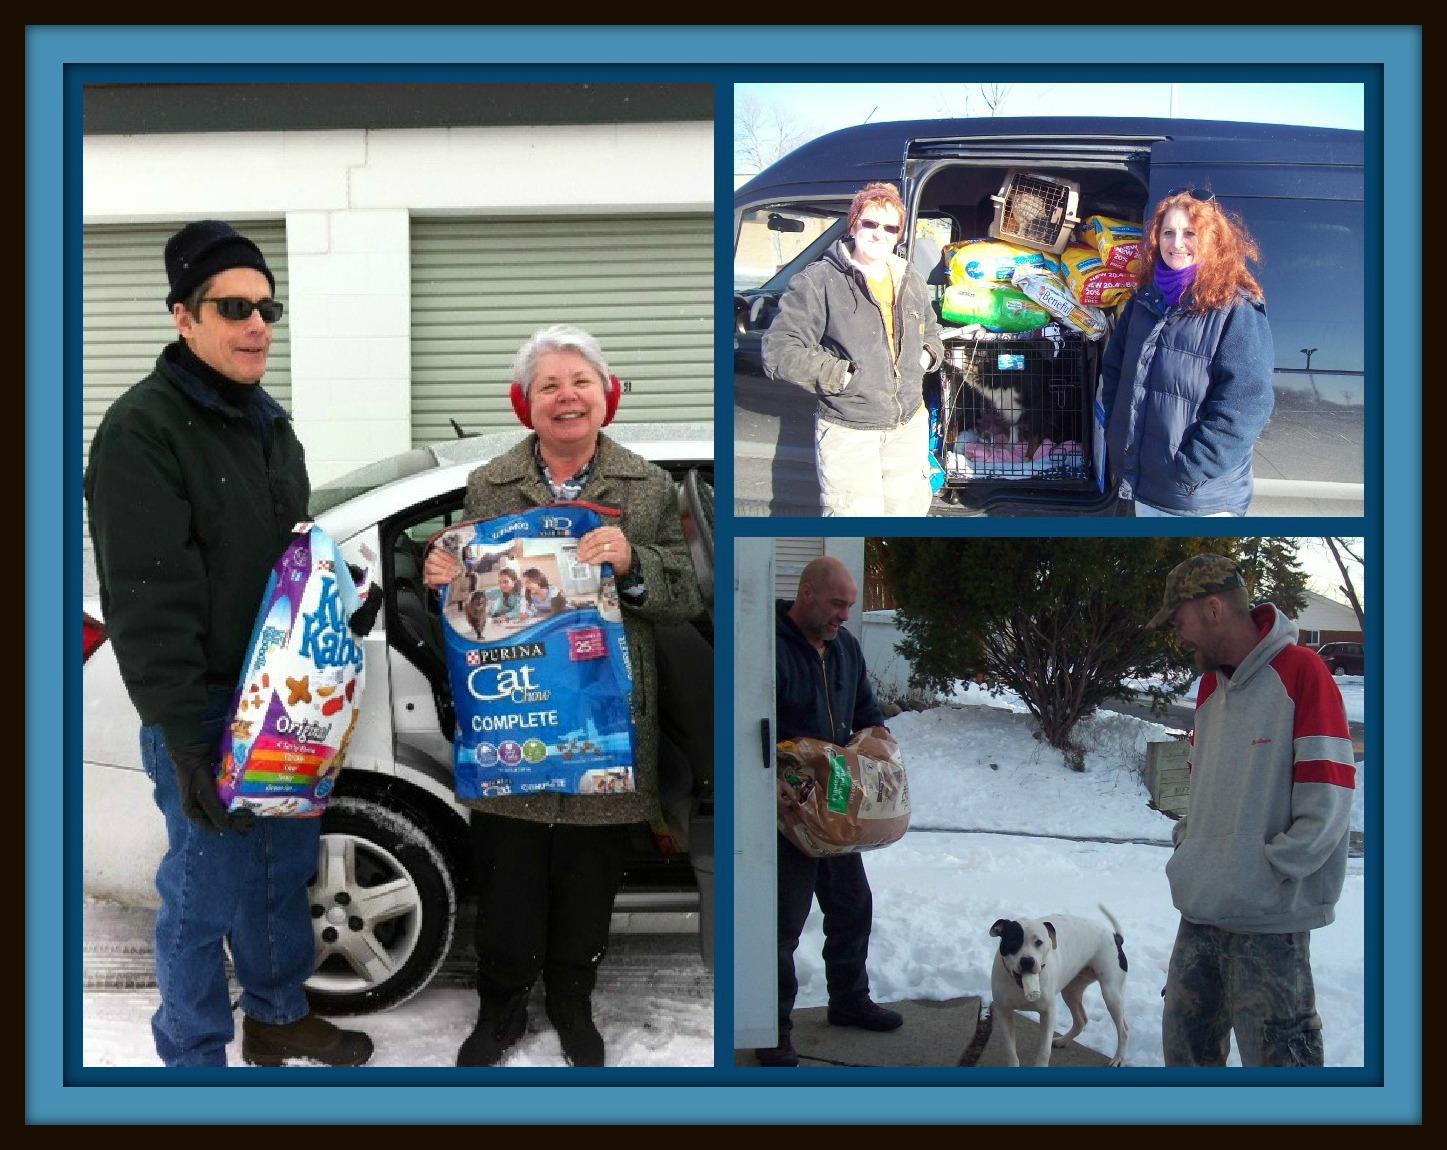 February 12 - 2 2013 PicMonkey Collage